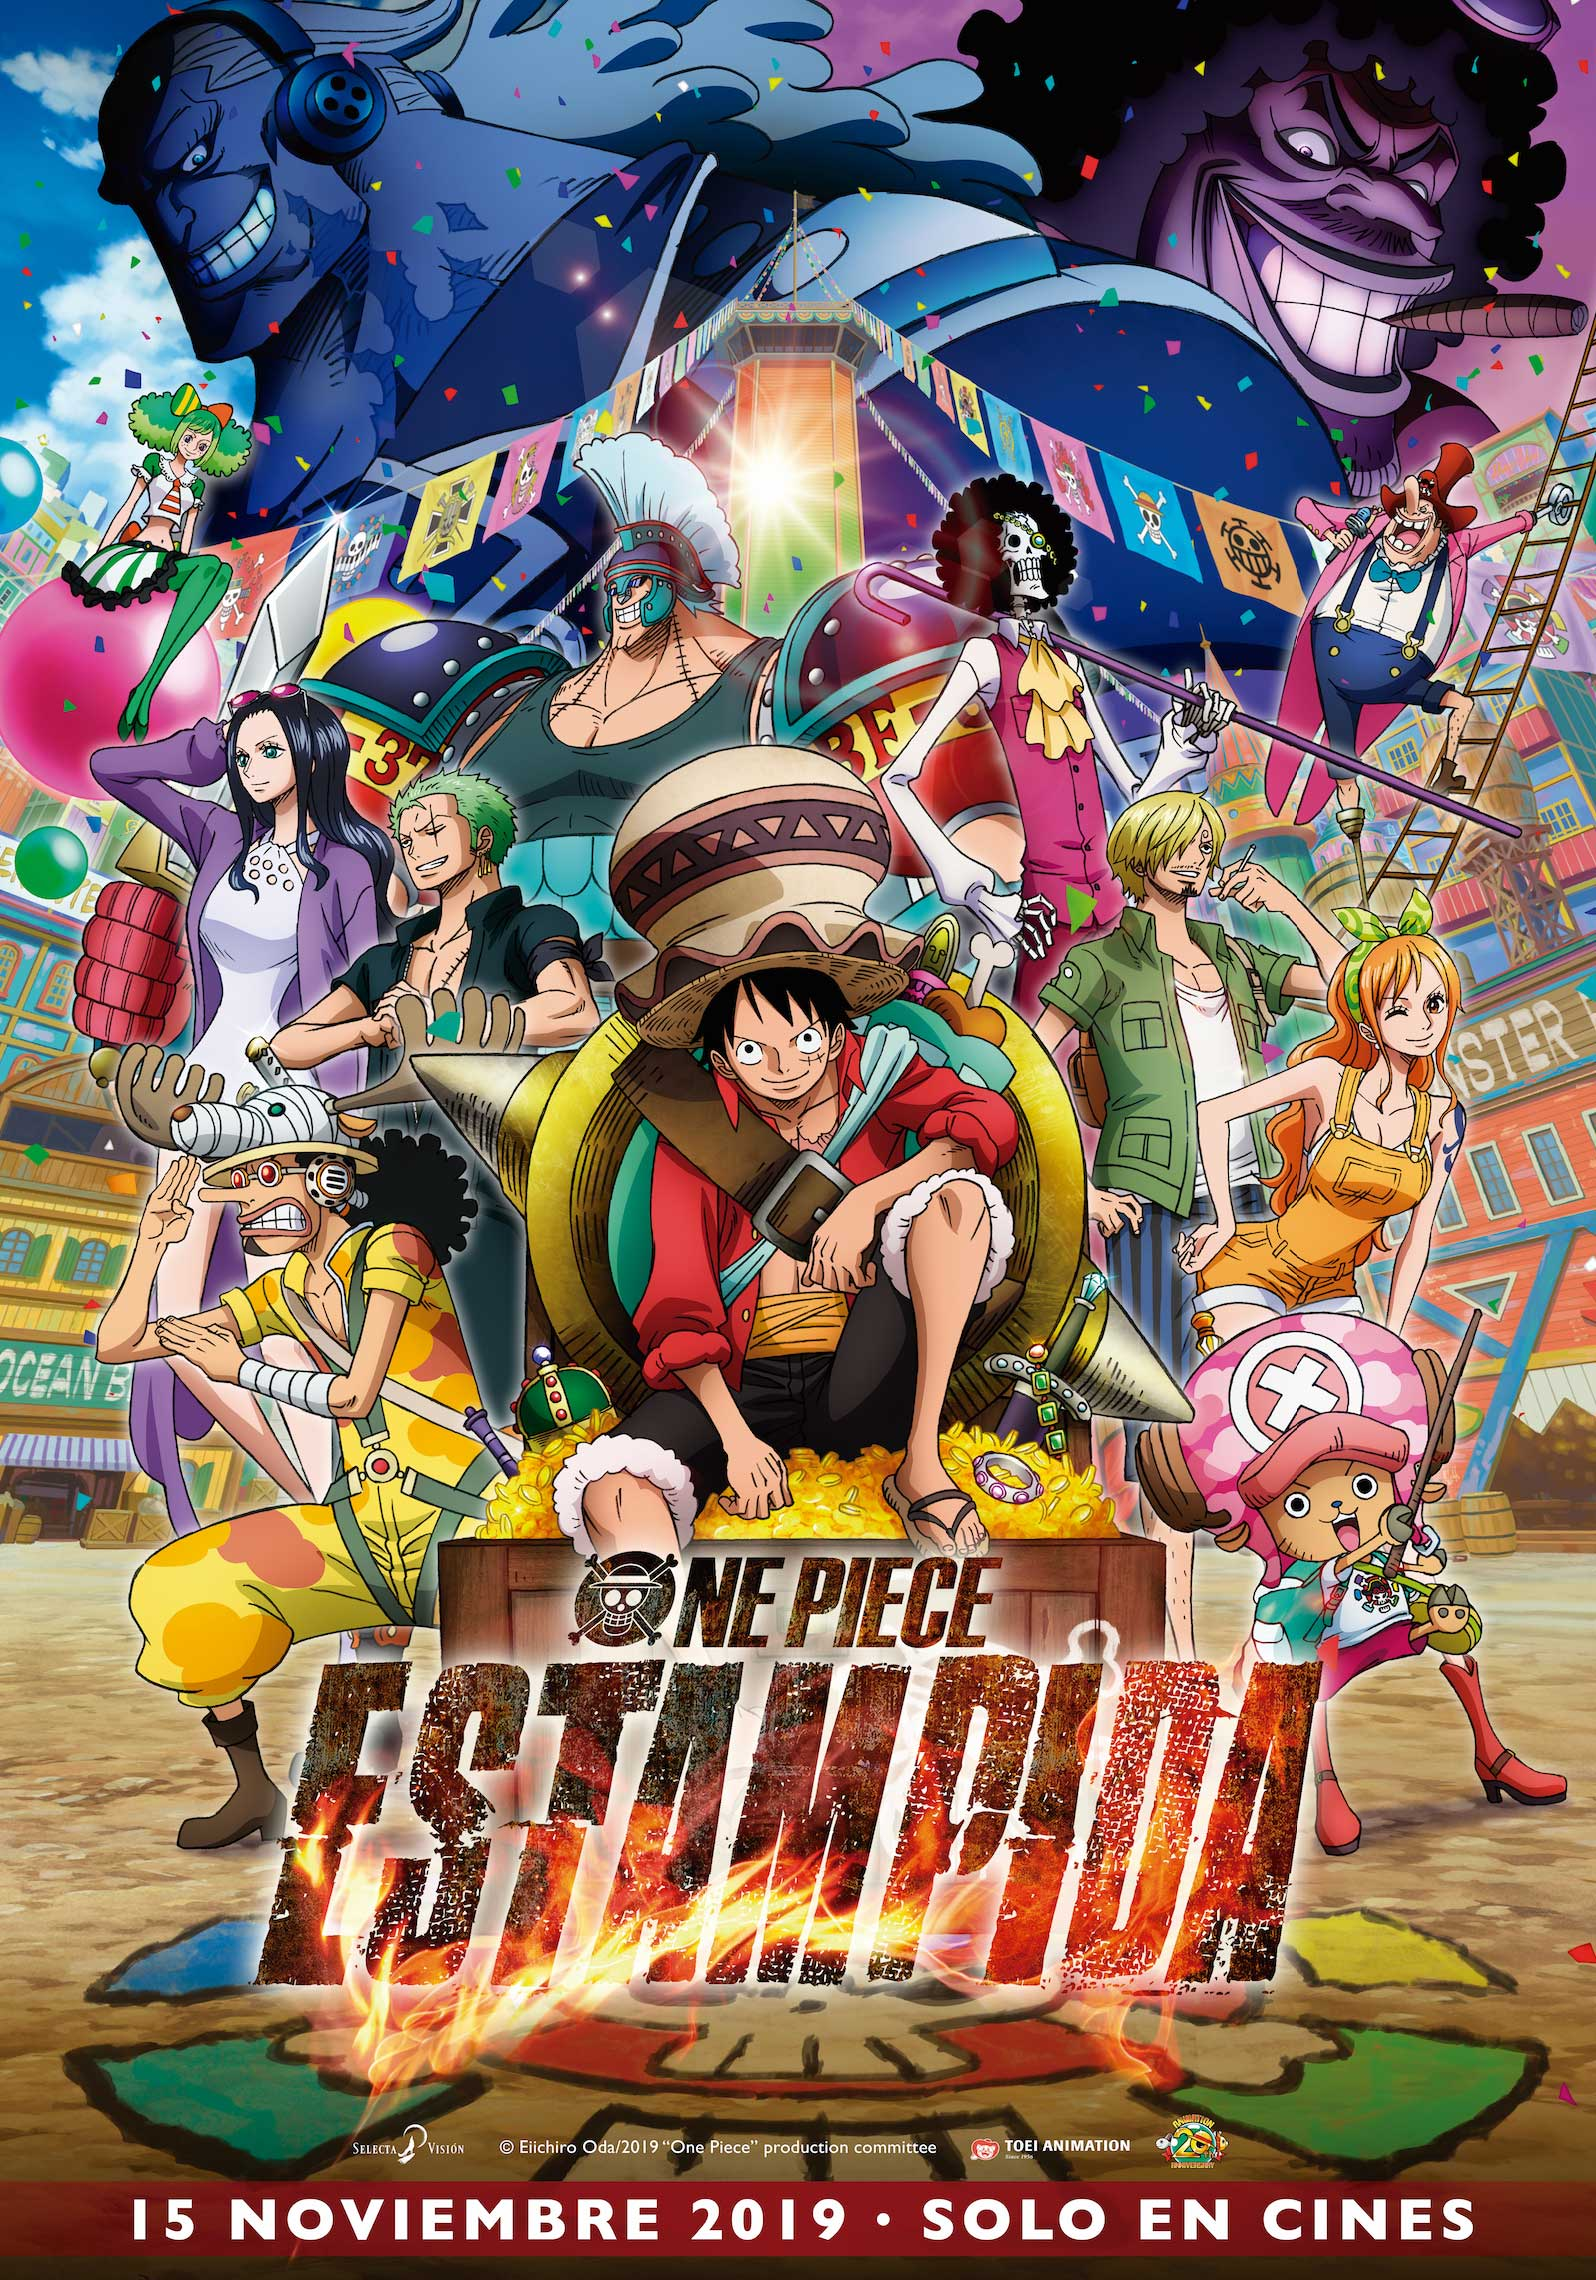 Cartel de One Piece: Estampida